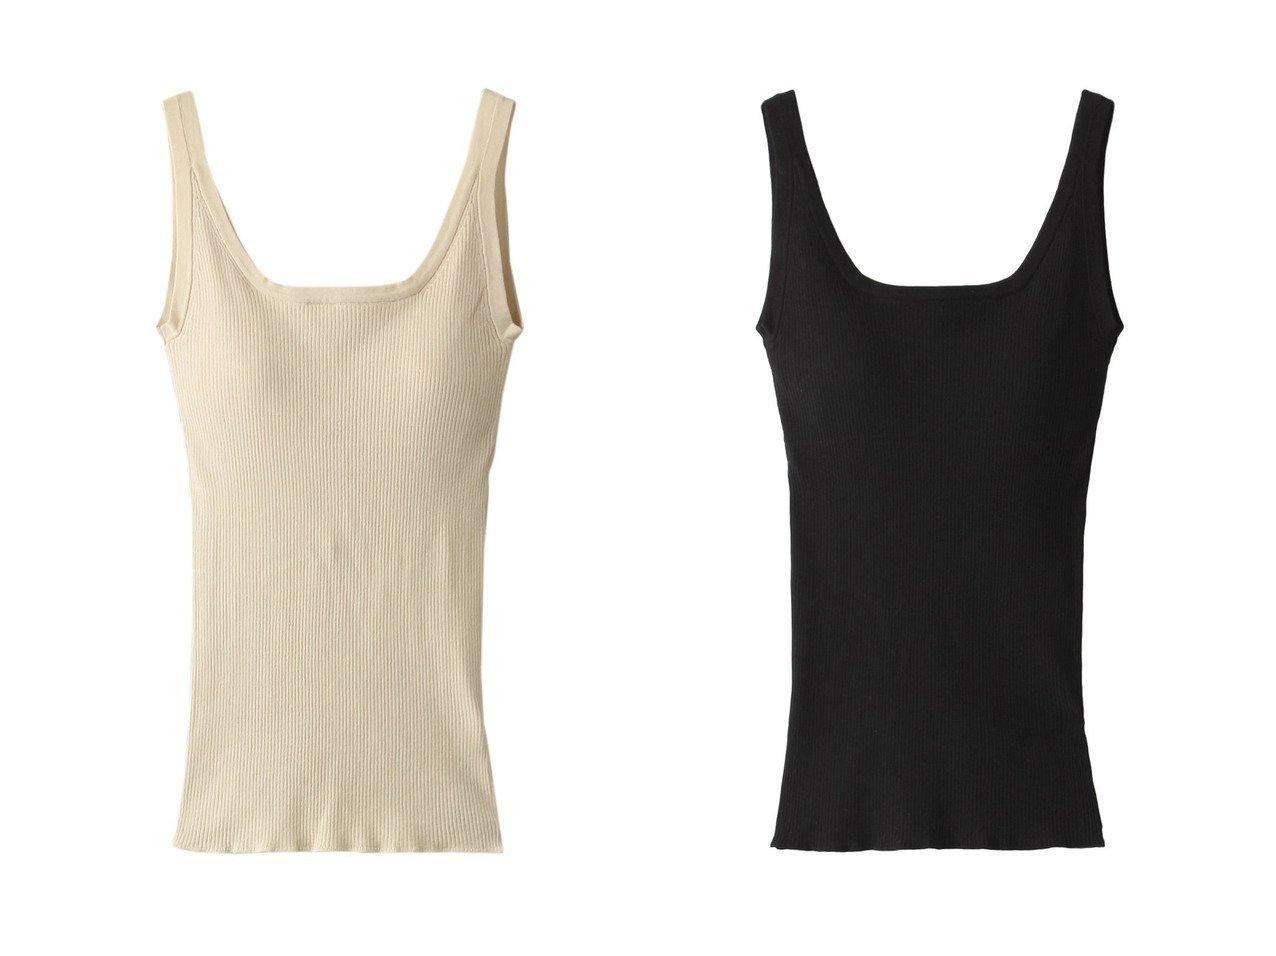 【ADAWAS/アダワス】のリブニットタンクトップ トップス・カットソーのおすすめ!人気、トレンド・レディースファッションの通販 おすすめで人気の流行・トレンド、ファッションの通販商品 メンズファッション・キッズファッション・インテリア・家具・レディースファッション・服の通販 founy(ファニー) https://founy.com/ ファッション Fashion レディースファッション WOMEN トップス Tops Tshirt ニット Knit Tops キャミソール / ノースリーブ No Sleeves シャツ/ブラウス Shirts Blouses ロング / Tシャツ T-Shirts カットソー Cut and Sewn 2021年 2021 2021 春夏 S/S SS Spring/Summer 2021 S/S 春夏 SS Spring/Summer インナー キャミソール シンプル タンク フィット 春 Spring |ID:crp329100000013108